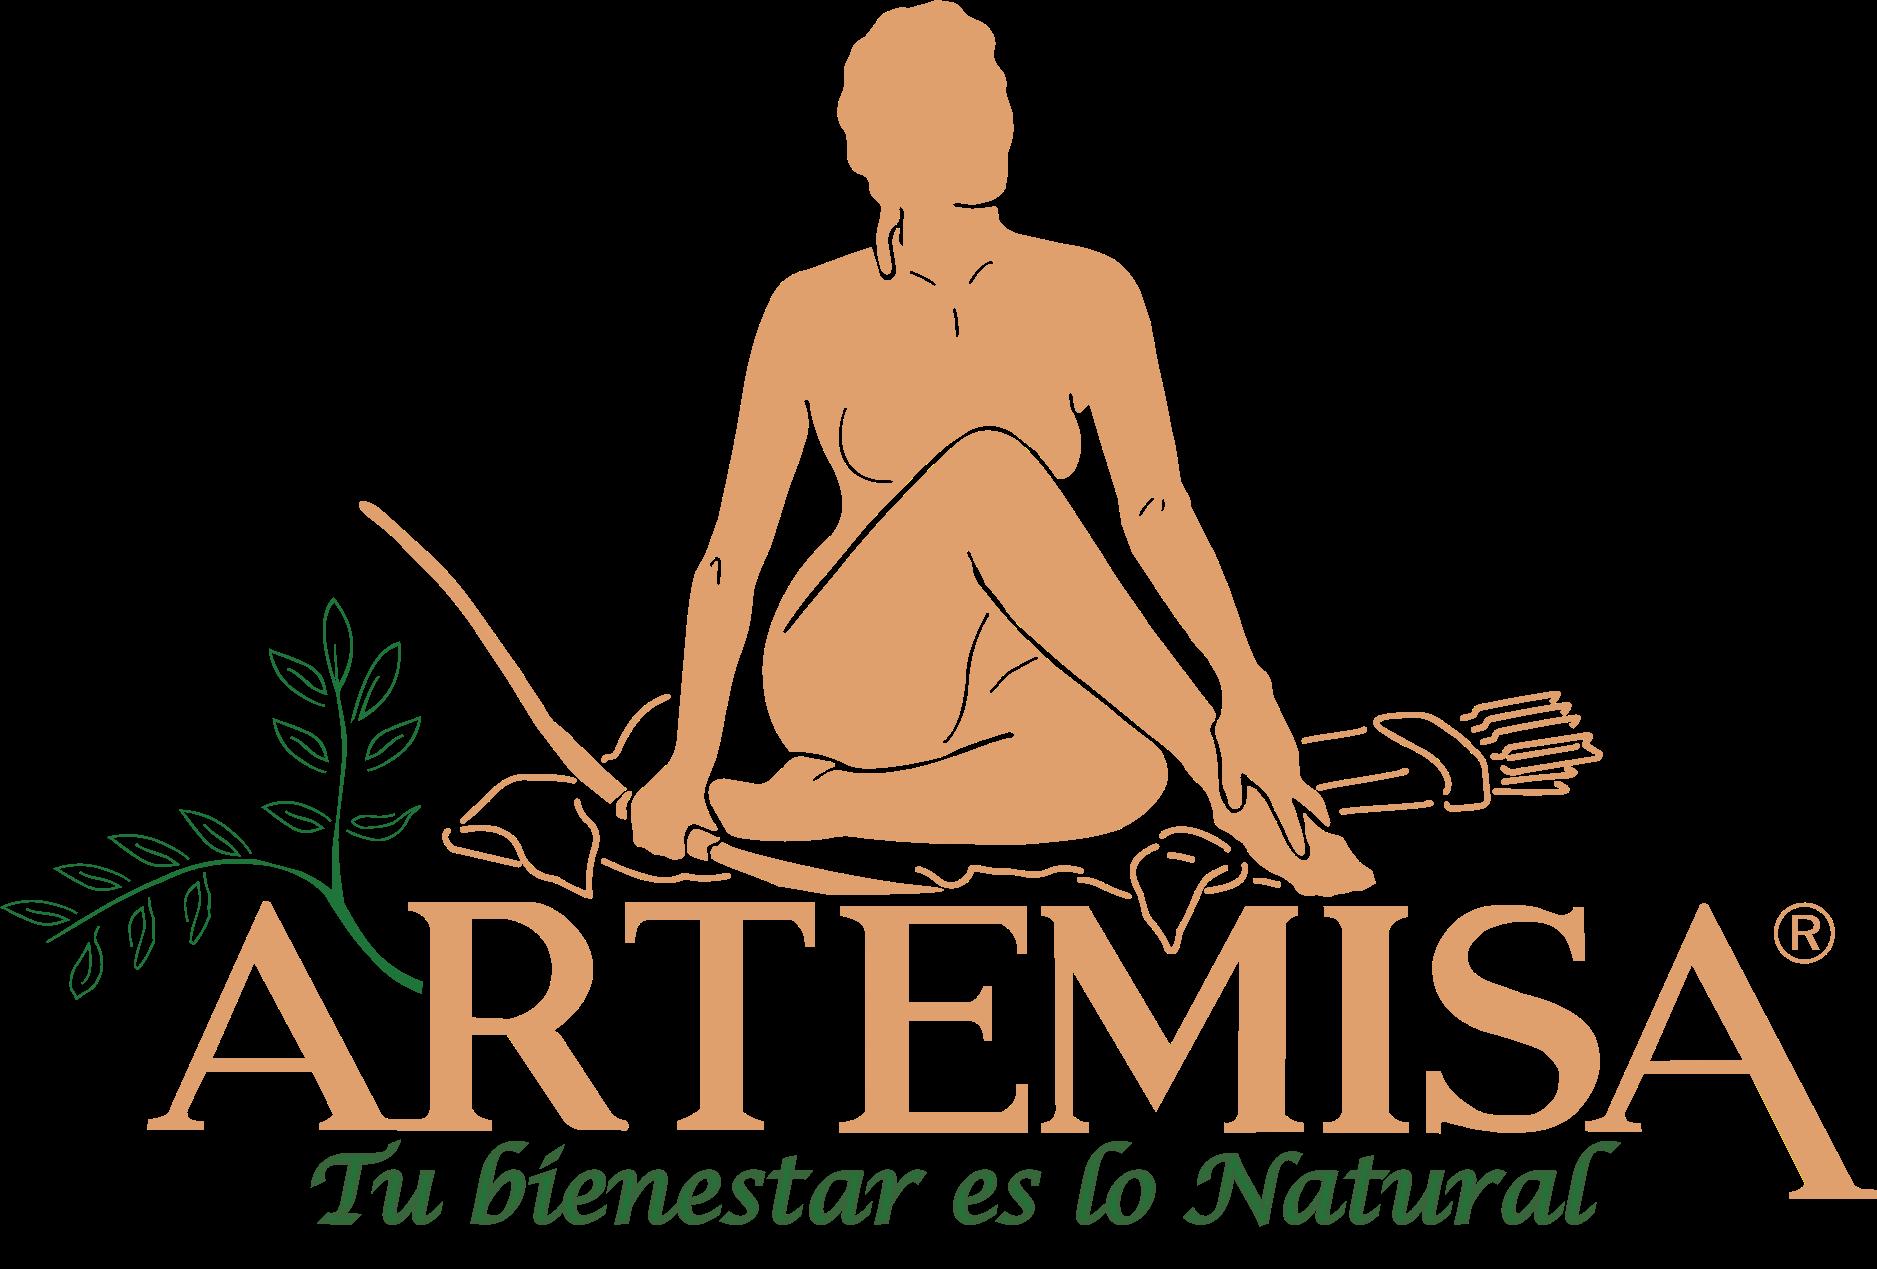 Artemisa  (Chipichape, Centenario, Roosevelt, Unicentro, Estación, Cosmocentro)   Tu Bienestar es lo Natural    Artemisa  productos naturales para la belleza, salud y sana nutrición. PBX: (+57) (2) 487 30 30 Email:  artemisaweb@artemisa.com.co